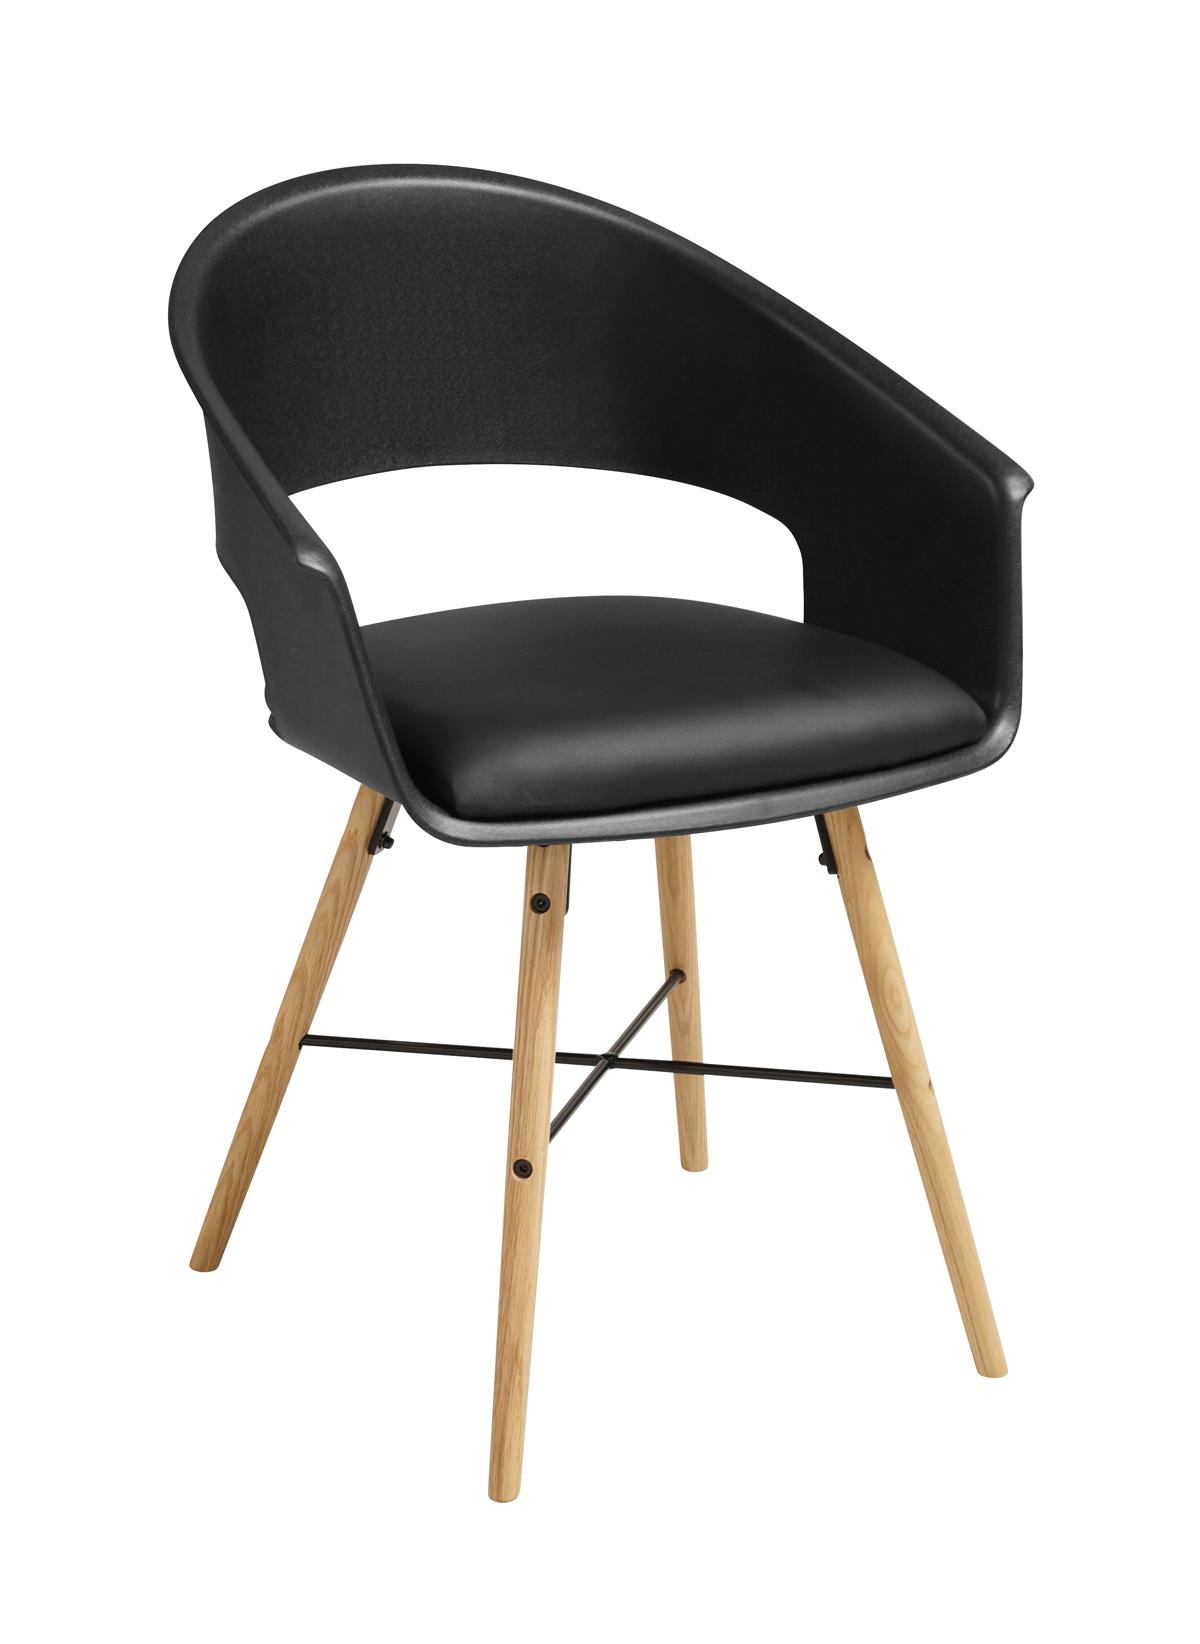 Ivar 10 Spisebordsstol m. sort sæde - Natur